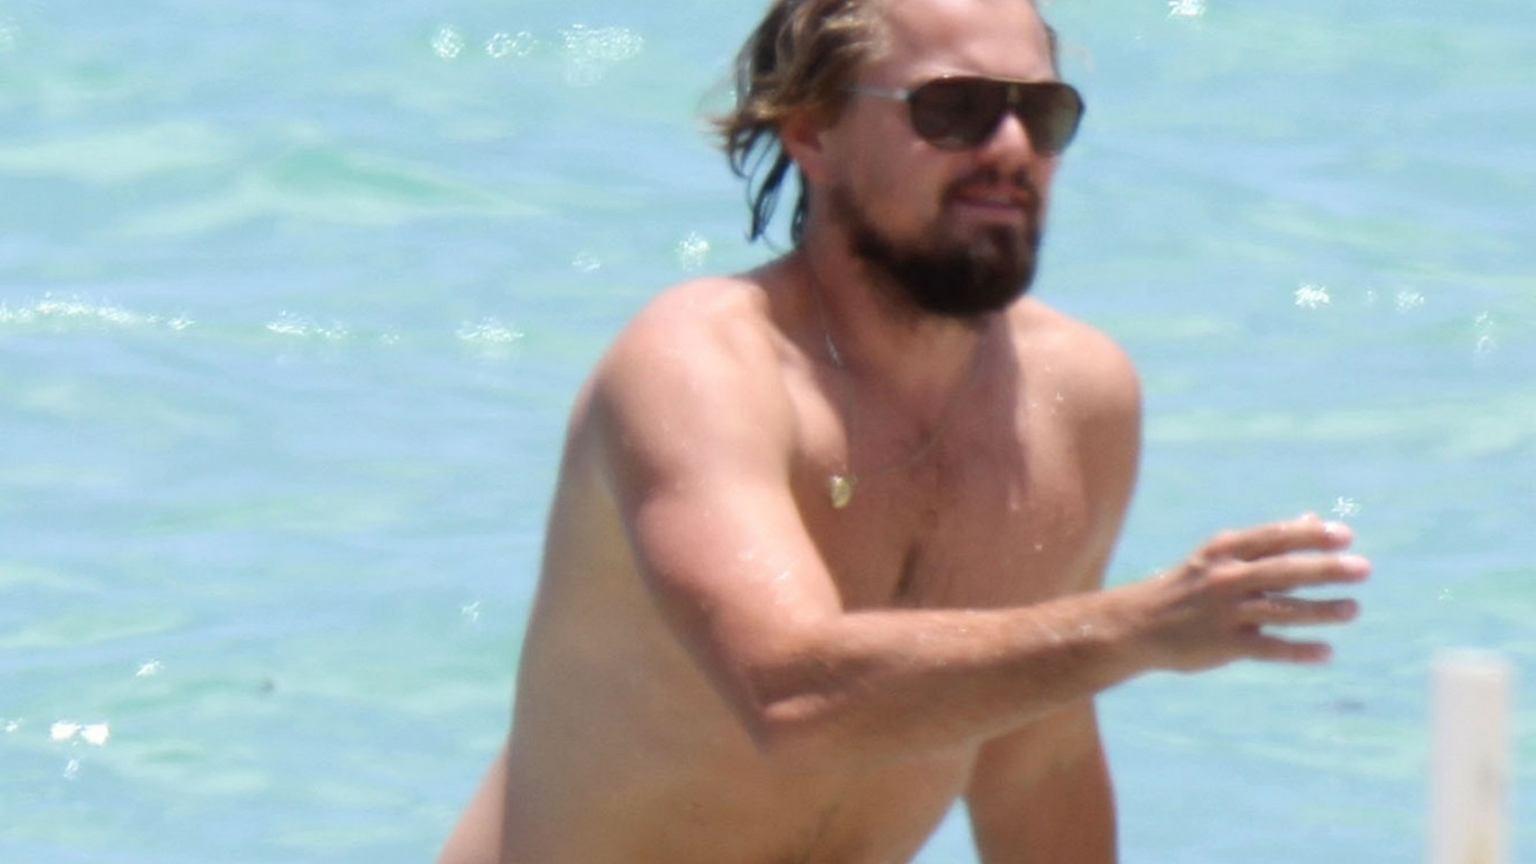 Leonardo DiCaprio uratował tonącego mężczyznę! Bez wahania rzucił się na pomoc.